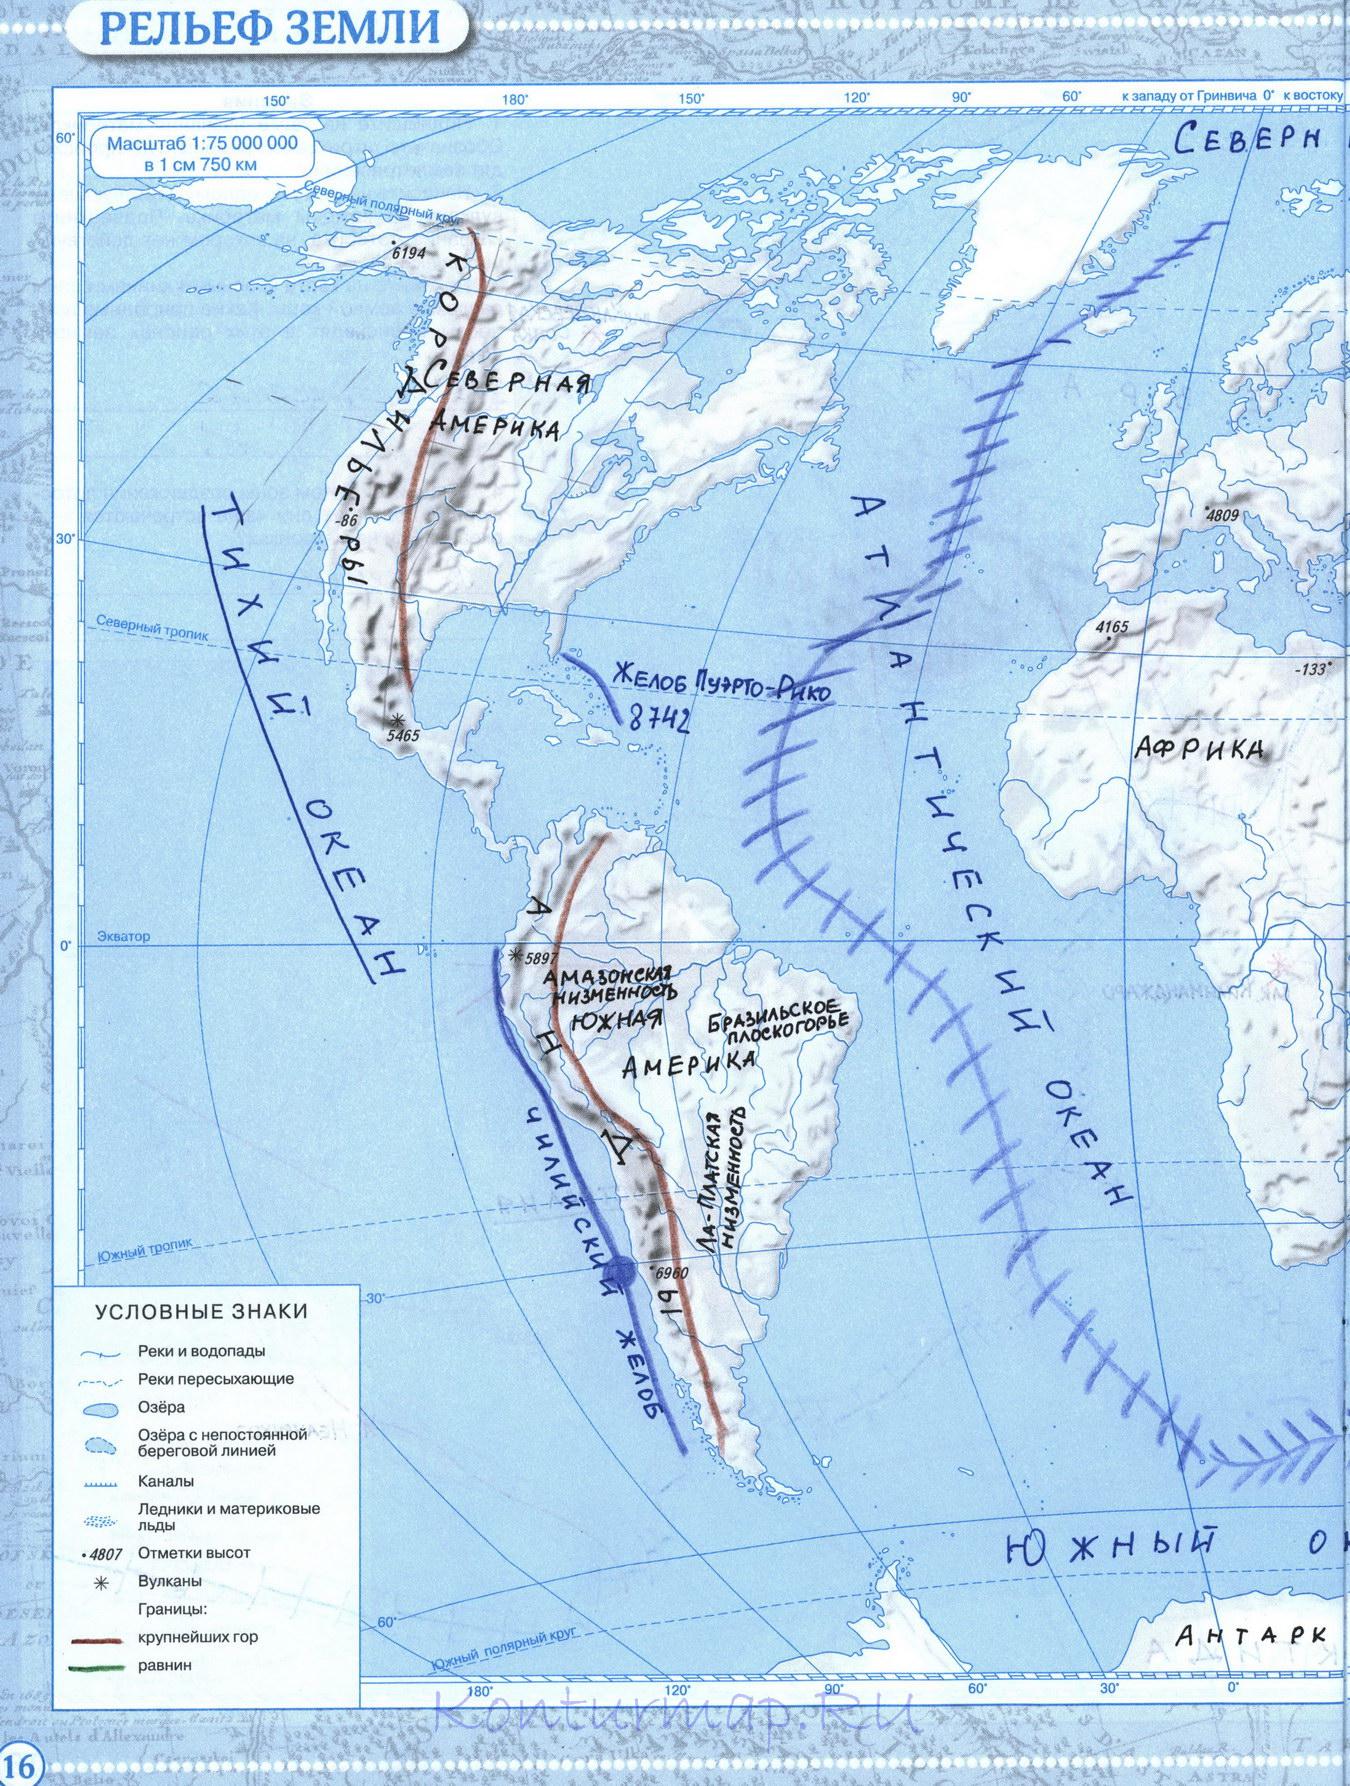 Индокитая реферат гдз по контурным картам 5 класс география вентана граф ндпи